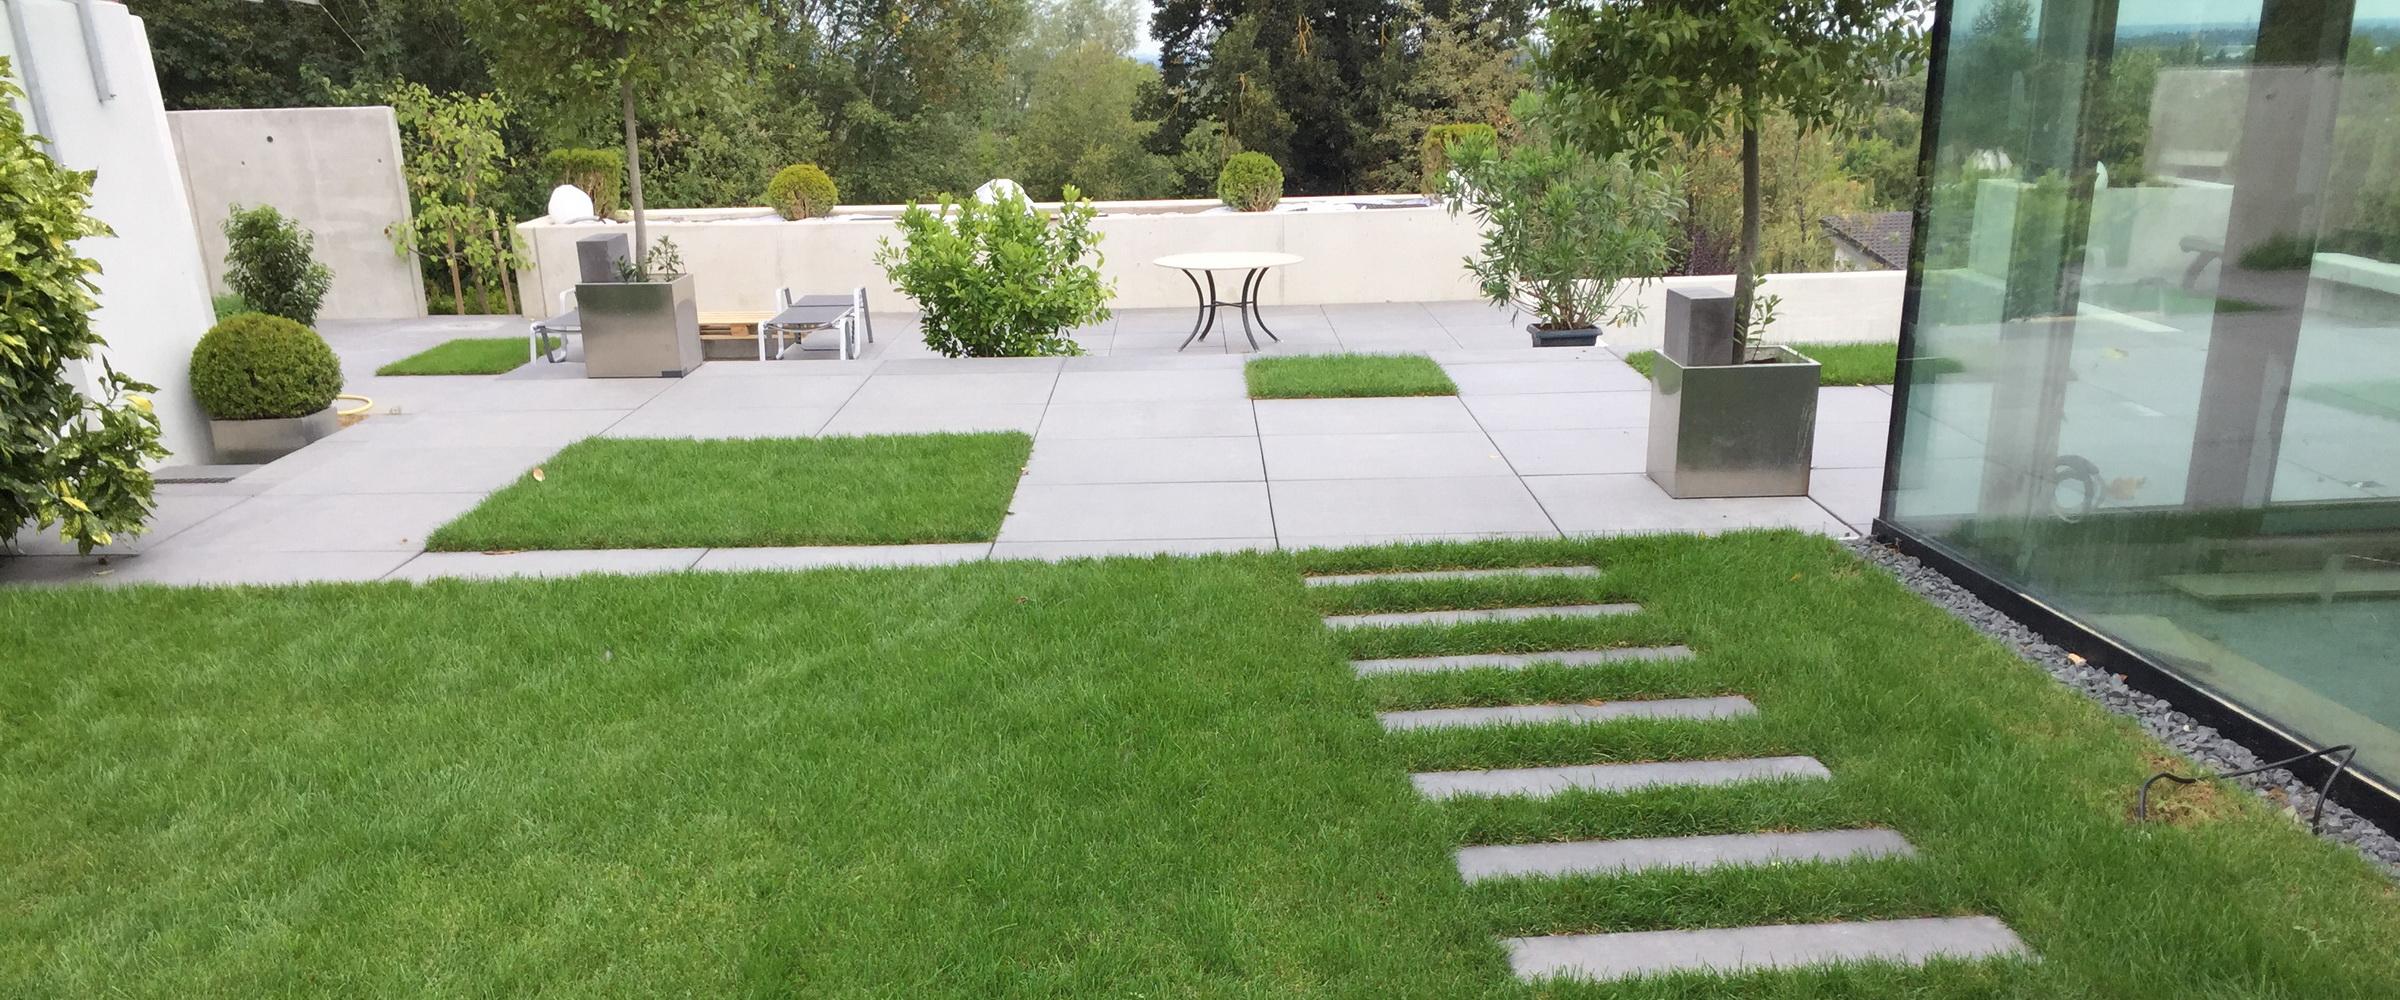 Kombinieren Sie Rasen mit Betonplatten für ein edles Flair